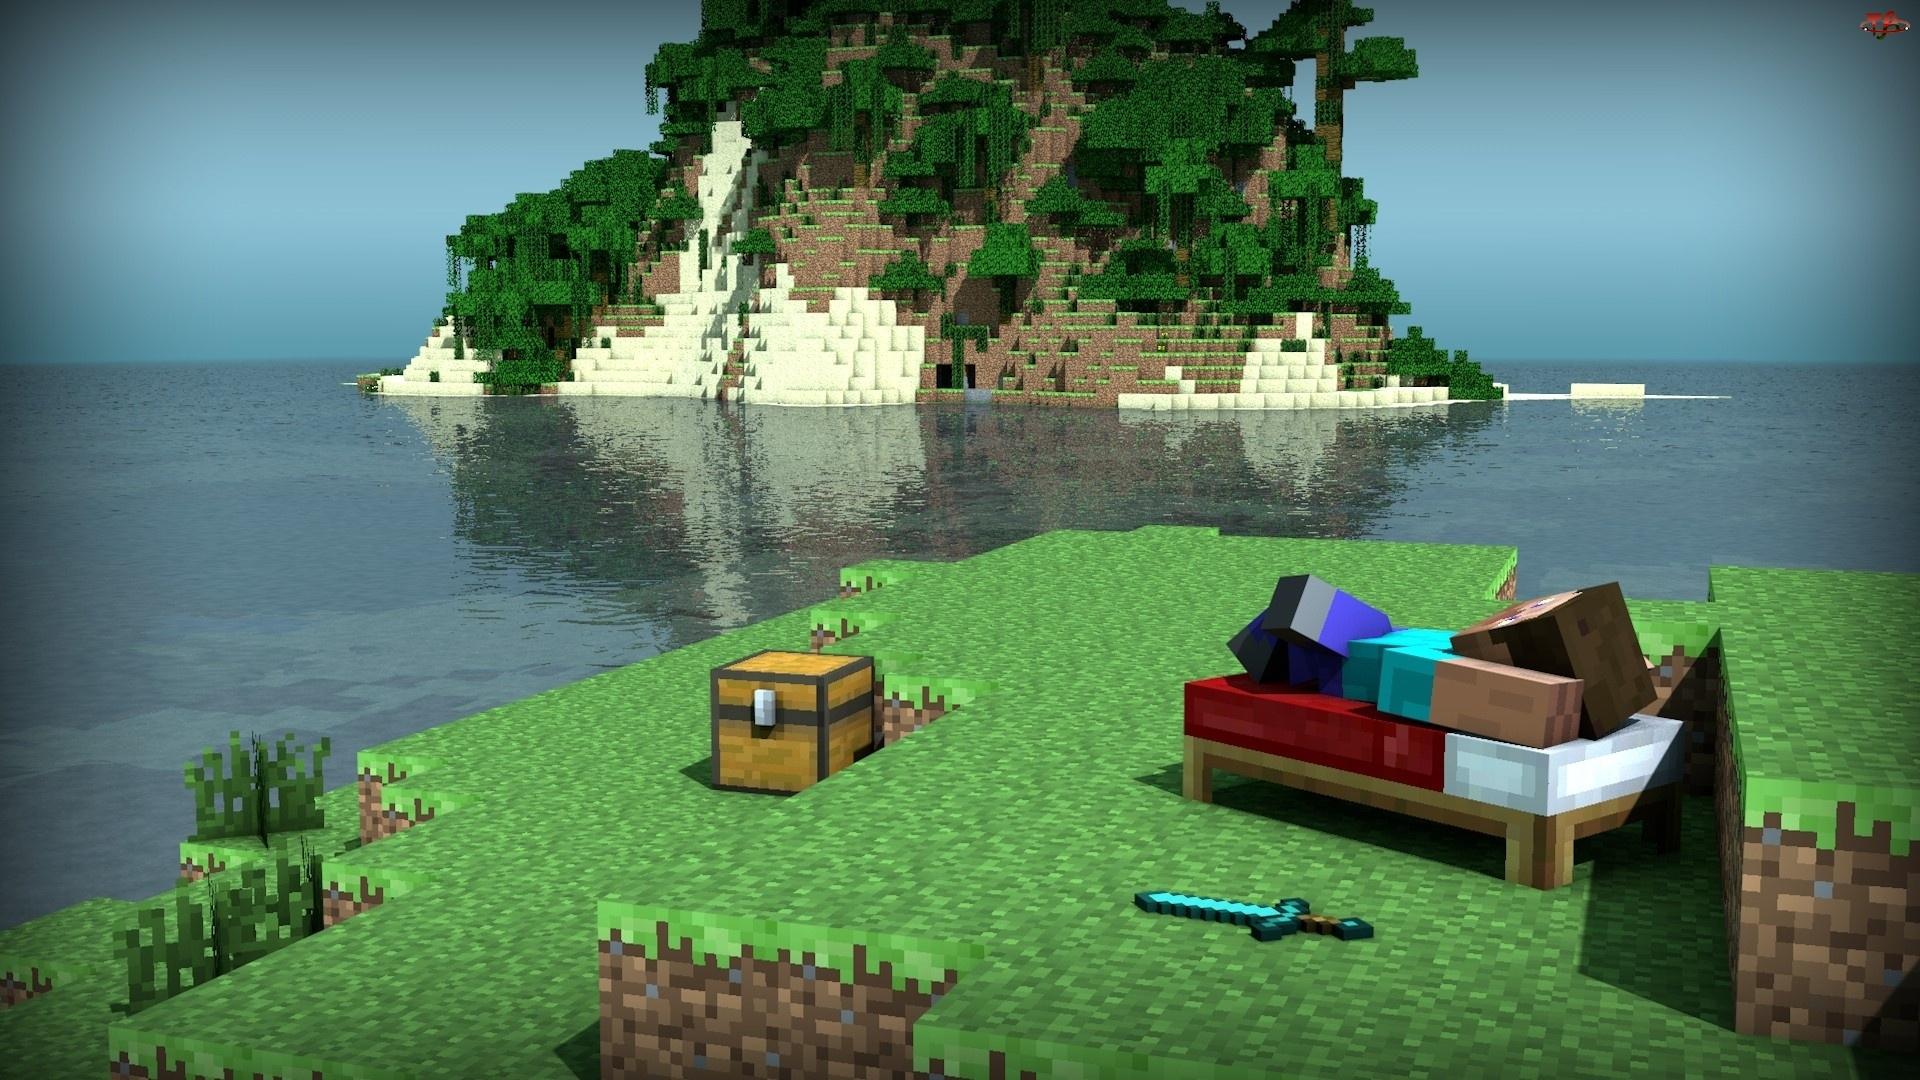 Drzewa, Minecraft, Wyspa, Człowiek, Skrzynia